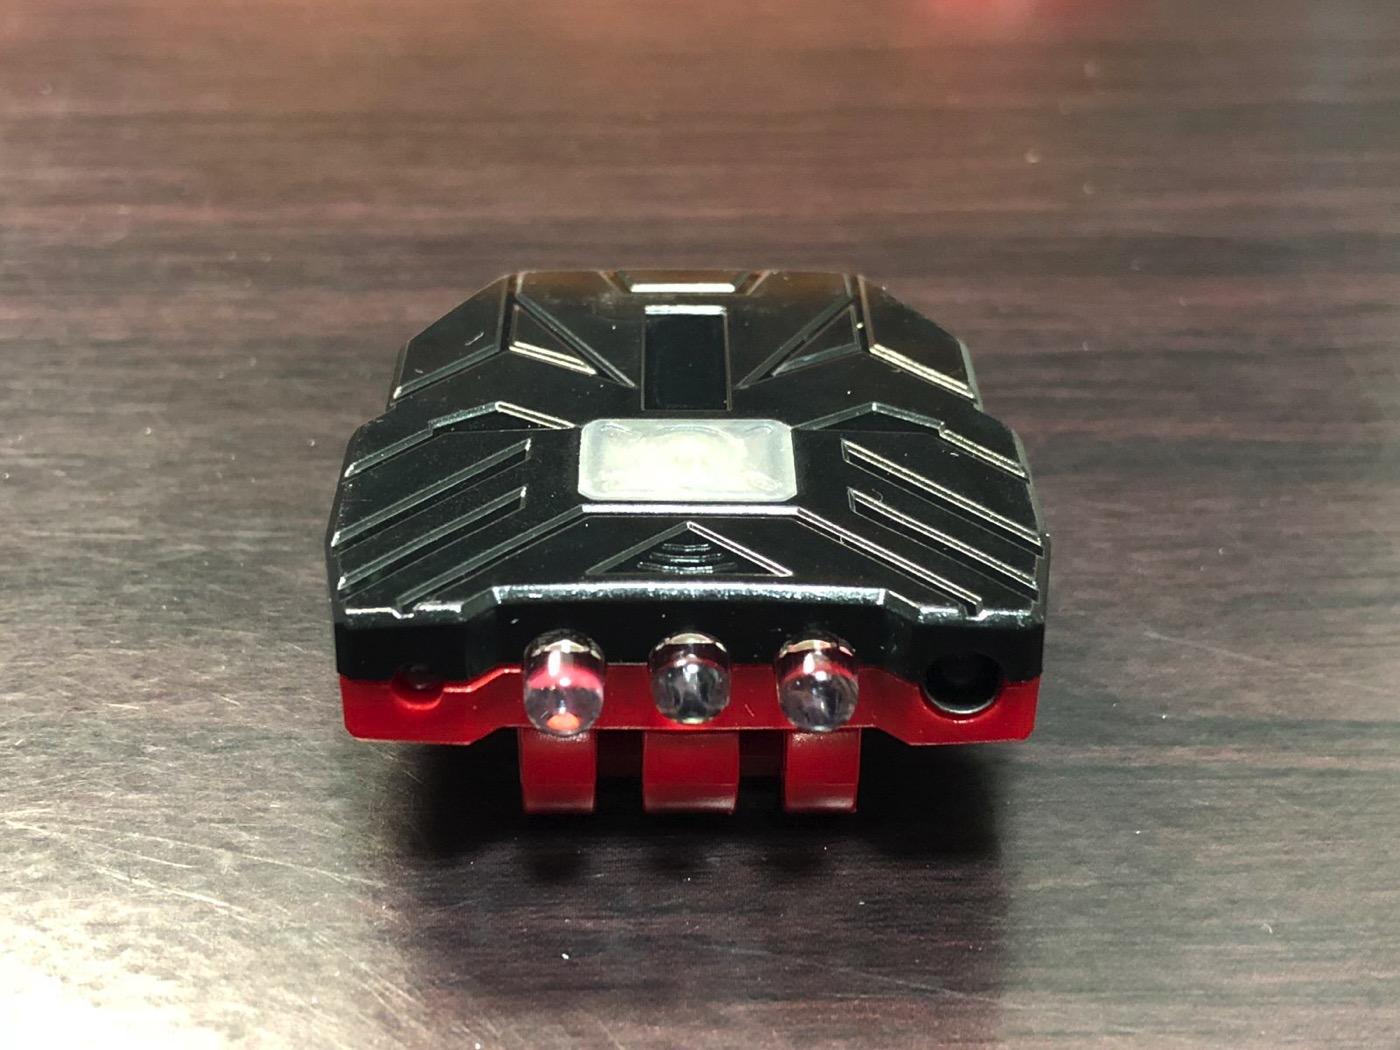 ヘッドライト 40ルーメン LEDキャップライト 帽子ライト センシング機能付 人感センサー ライト 2点灯モード 90度角度調節可能 帽子に挟んで使う-4